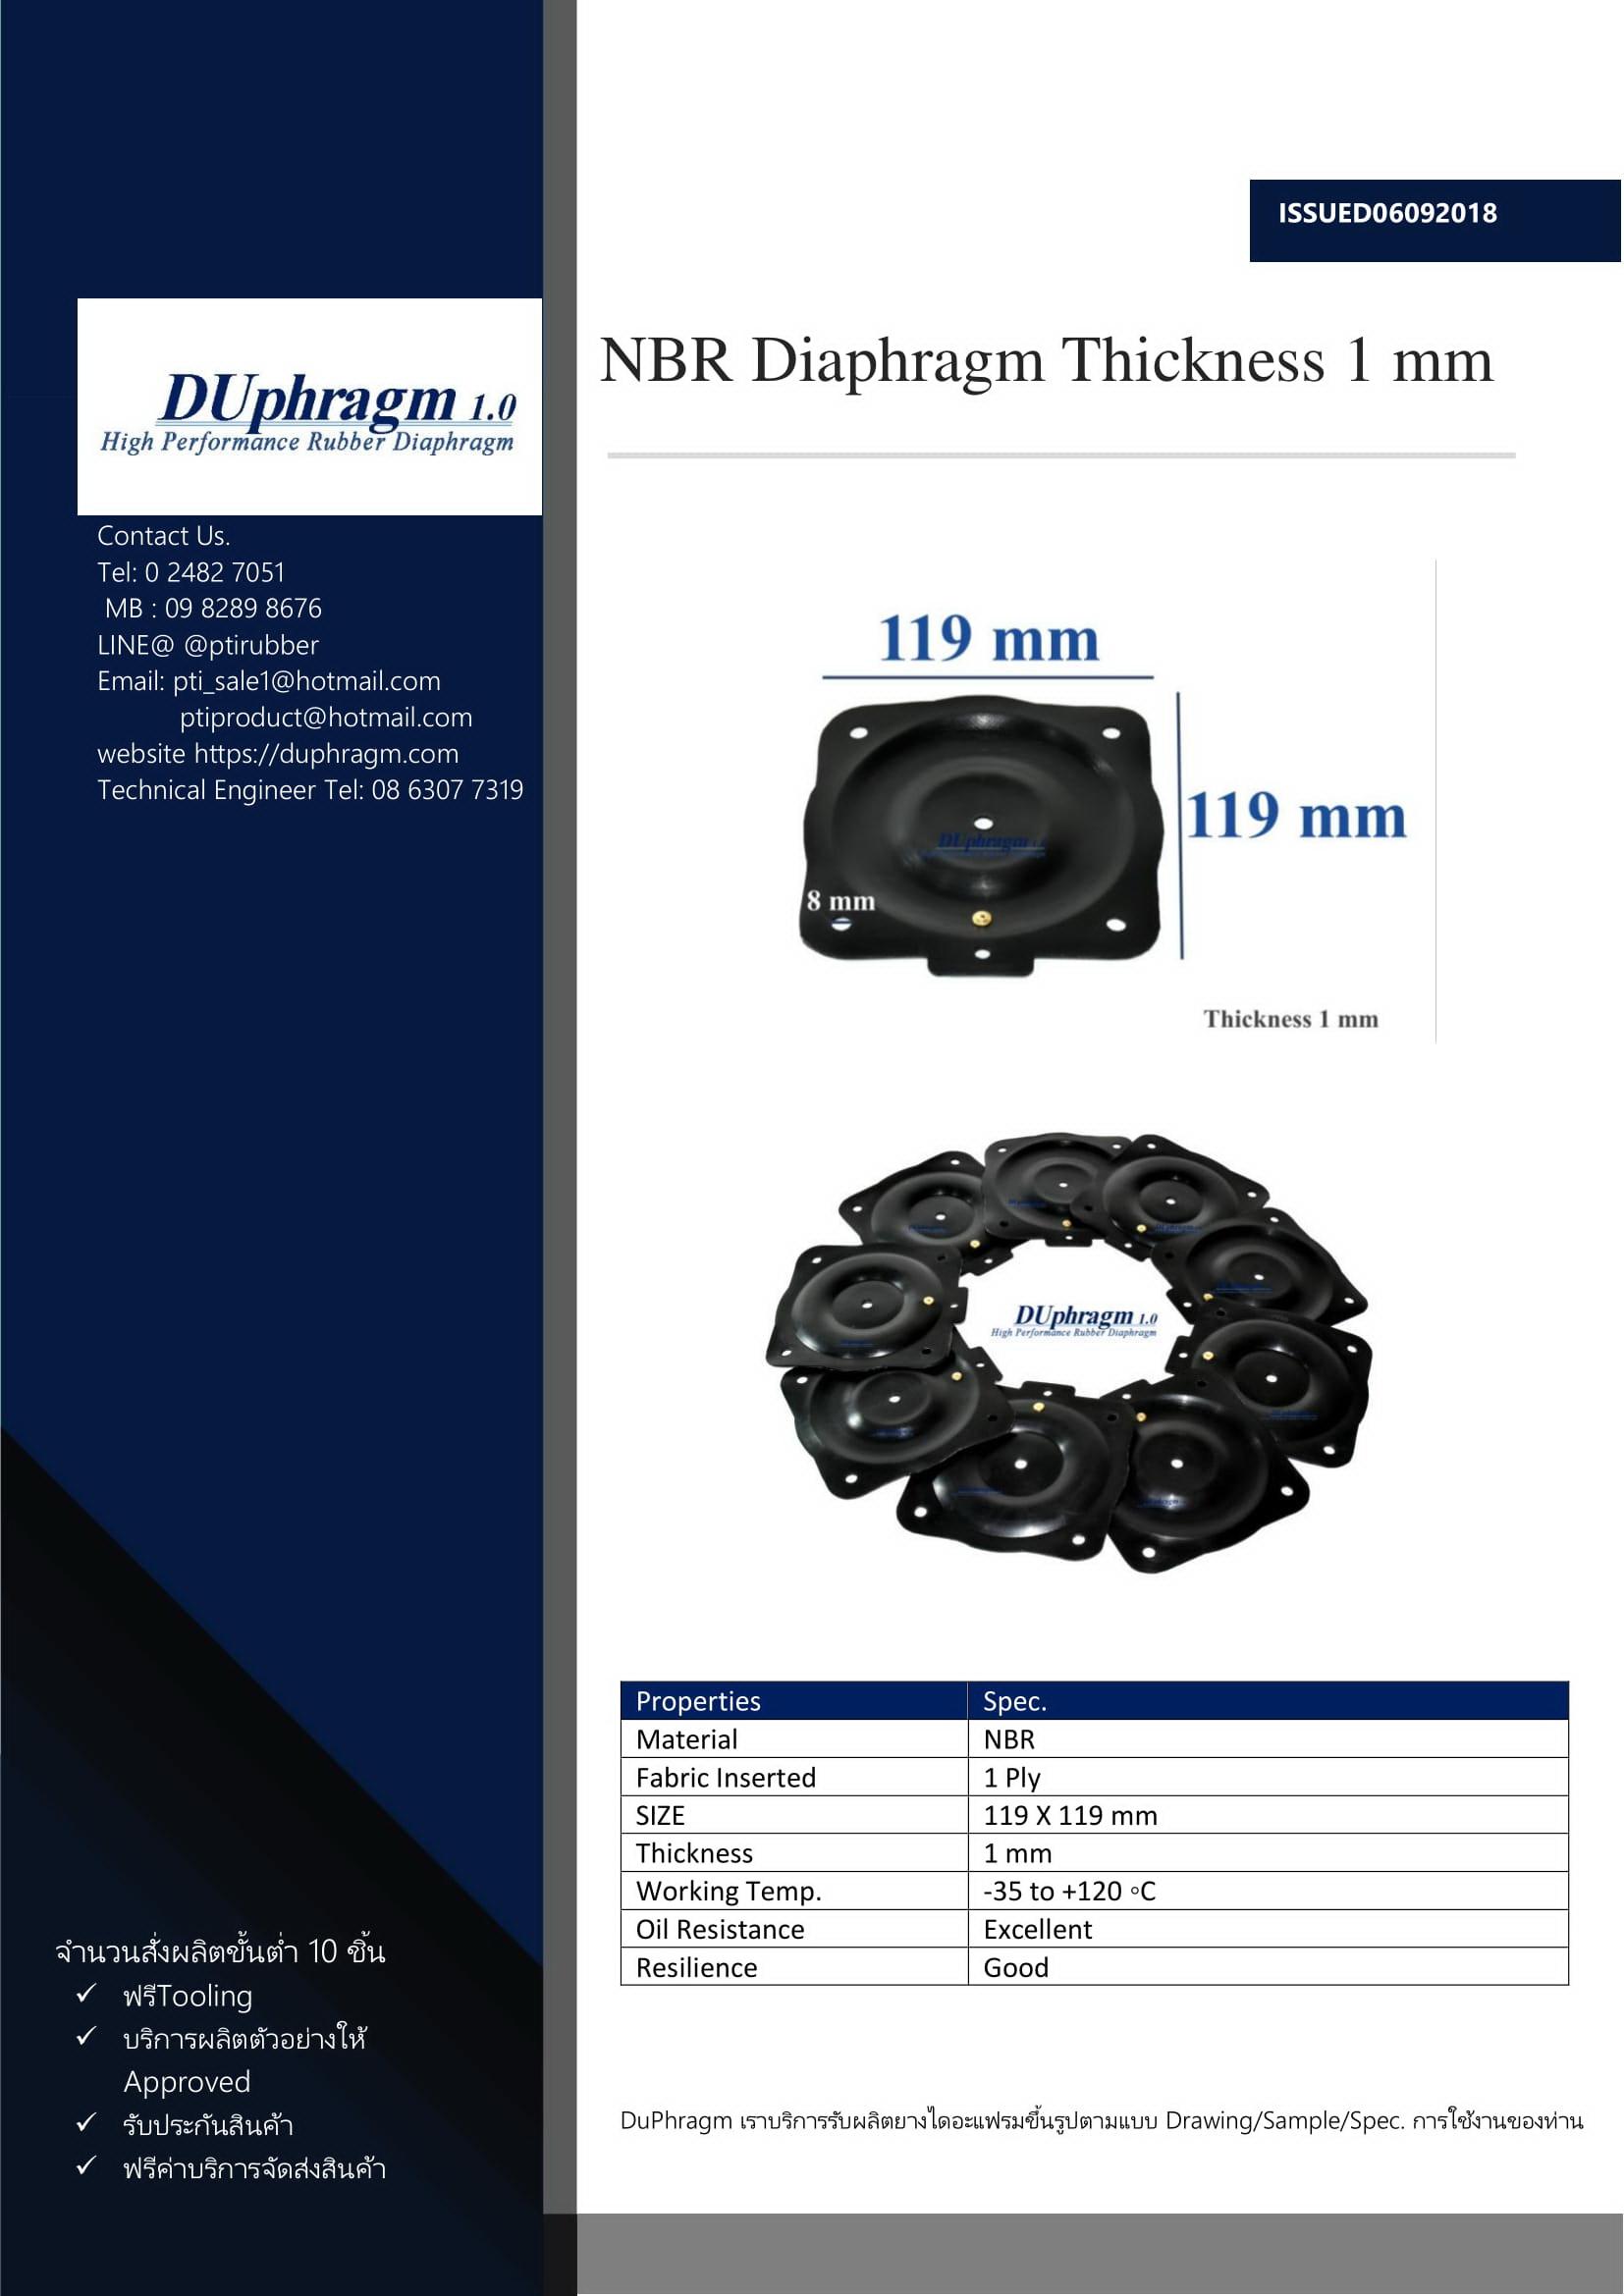 ยางไดอะแฟรมNBR ความหนา 1 mm Convuluted Diaphragms-1